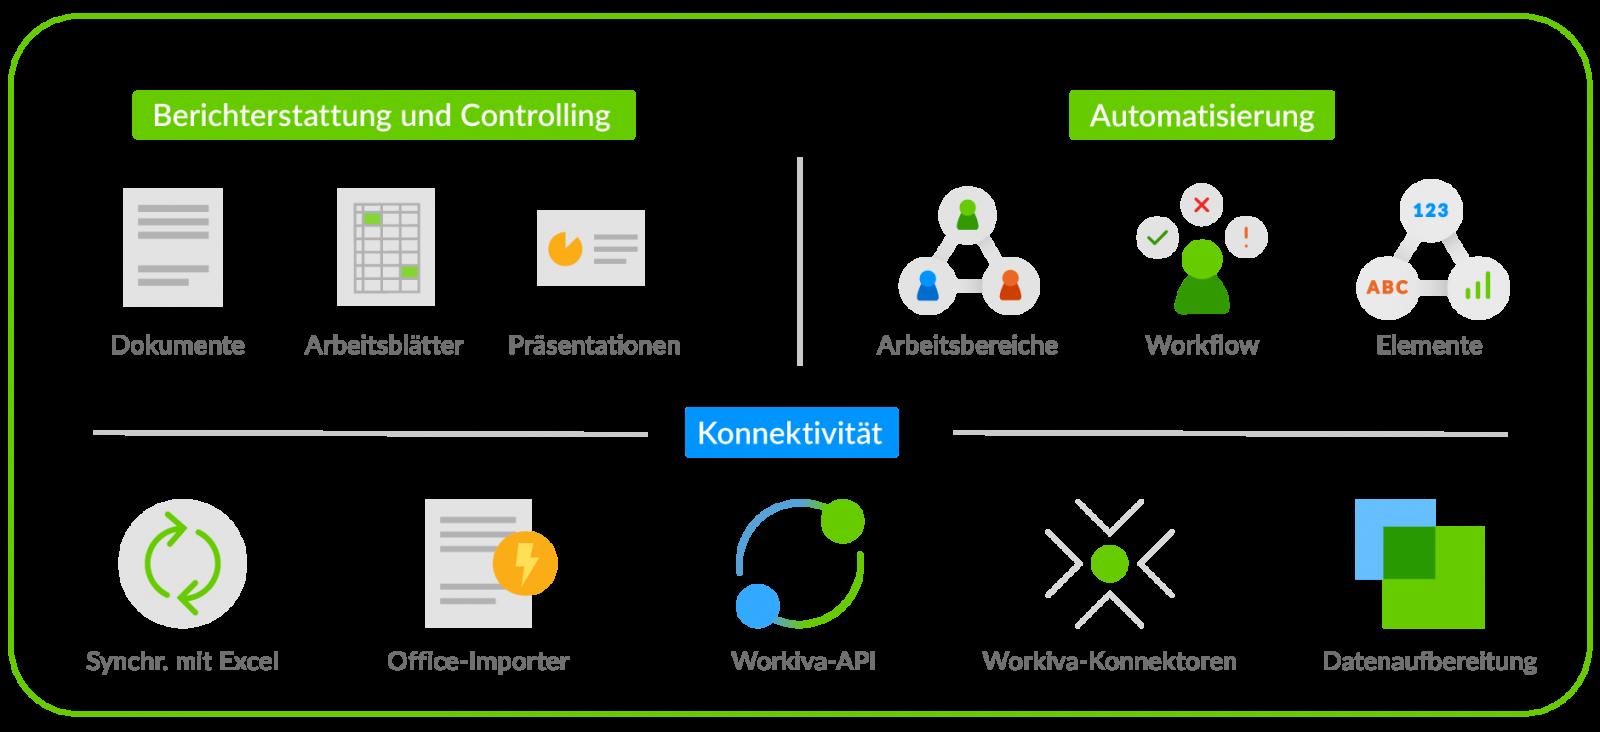 Abbildung zur Veranschaulichung der Technologiekomponenten der Workiva-Plattform